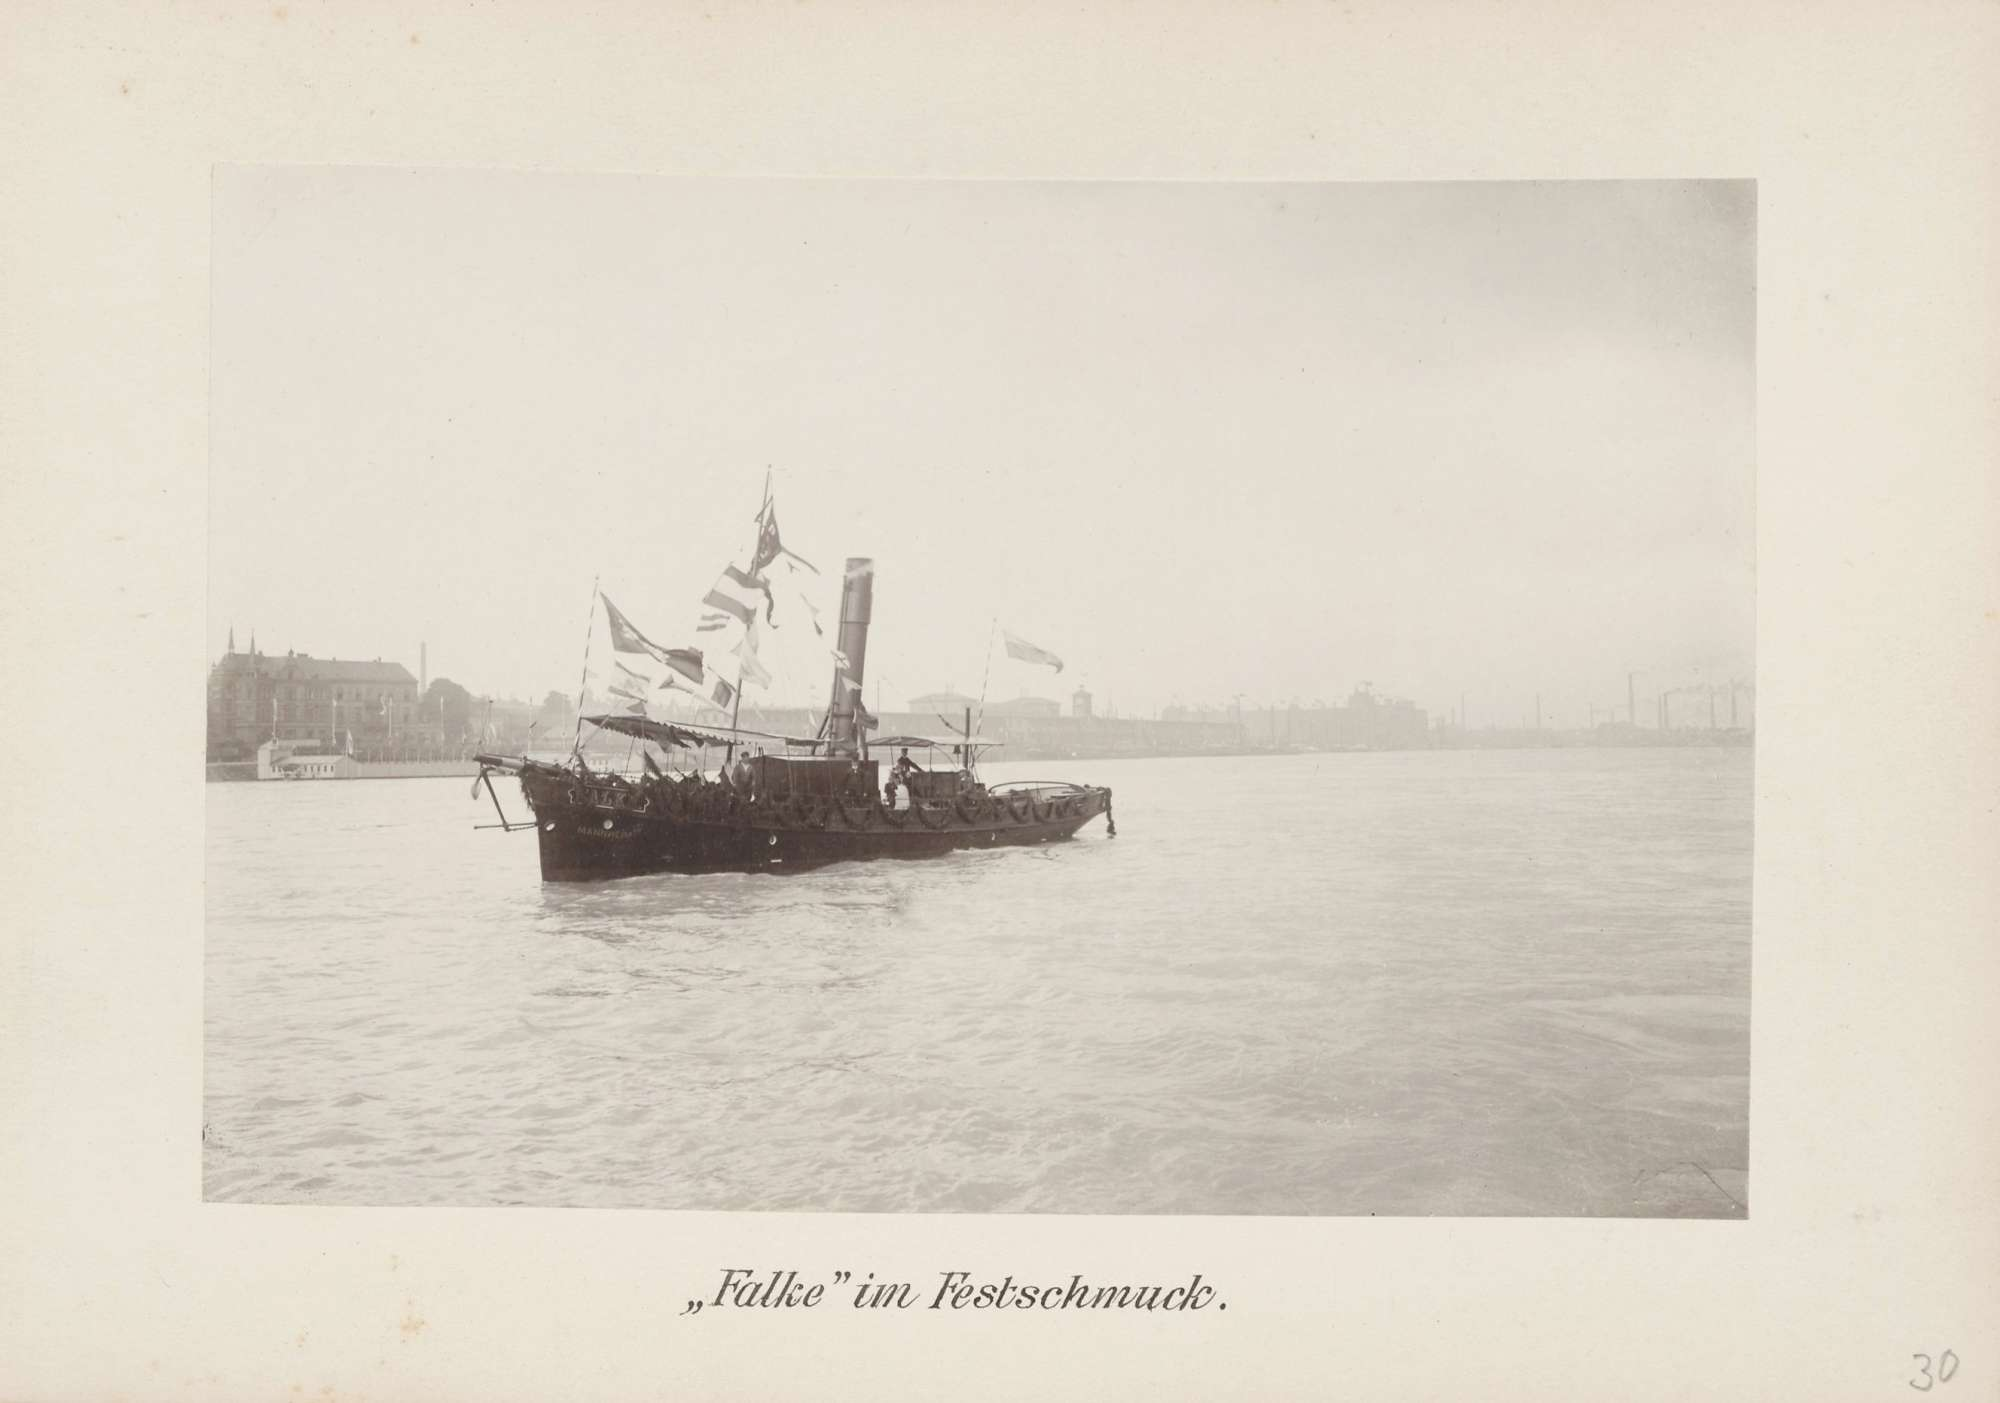 """Schiff """"Falke im Festschmuck"""" auf dem Rhein bei Mannheim, 1902 [Quelle: Generallandesarchiv Karlsruhe]"""